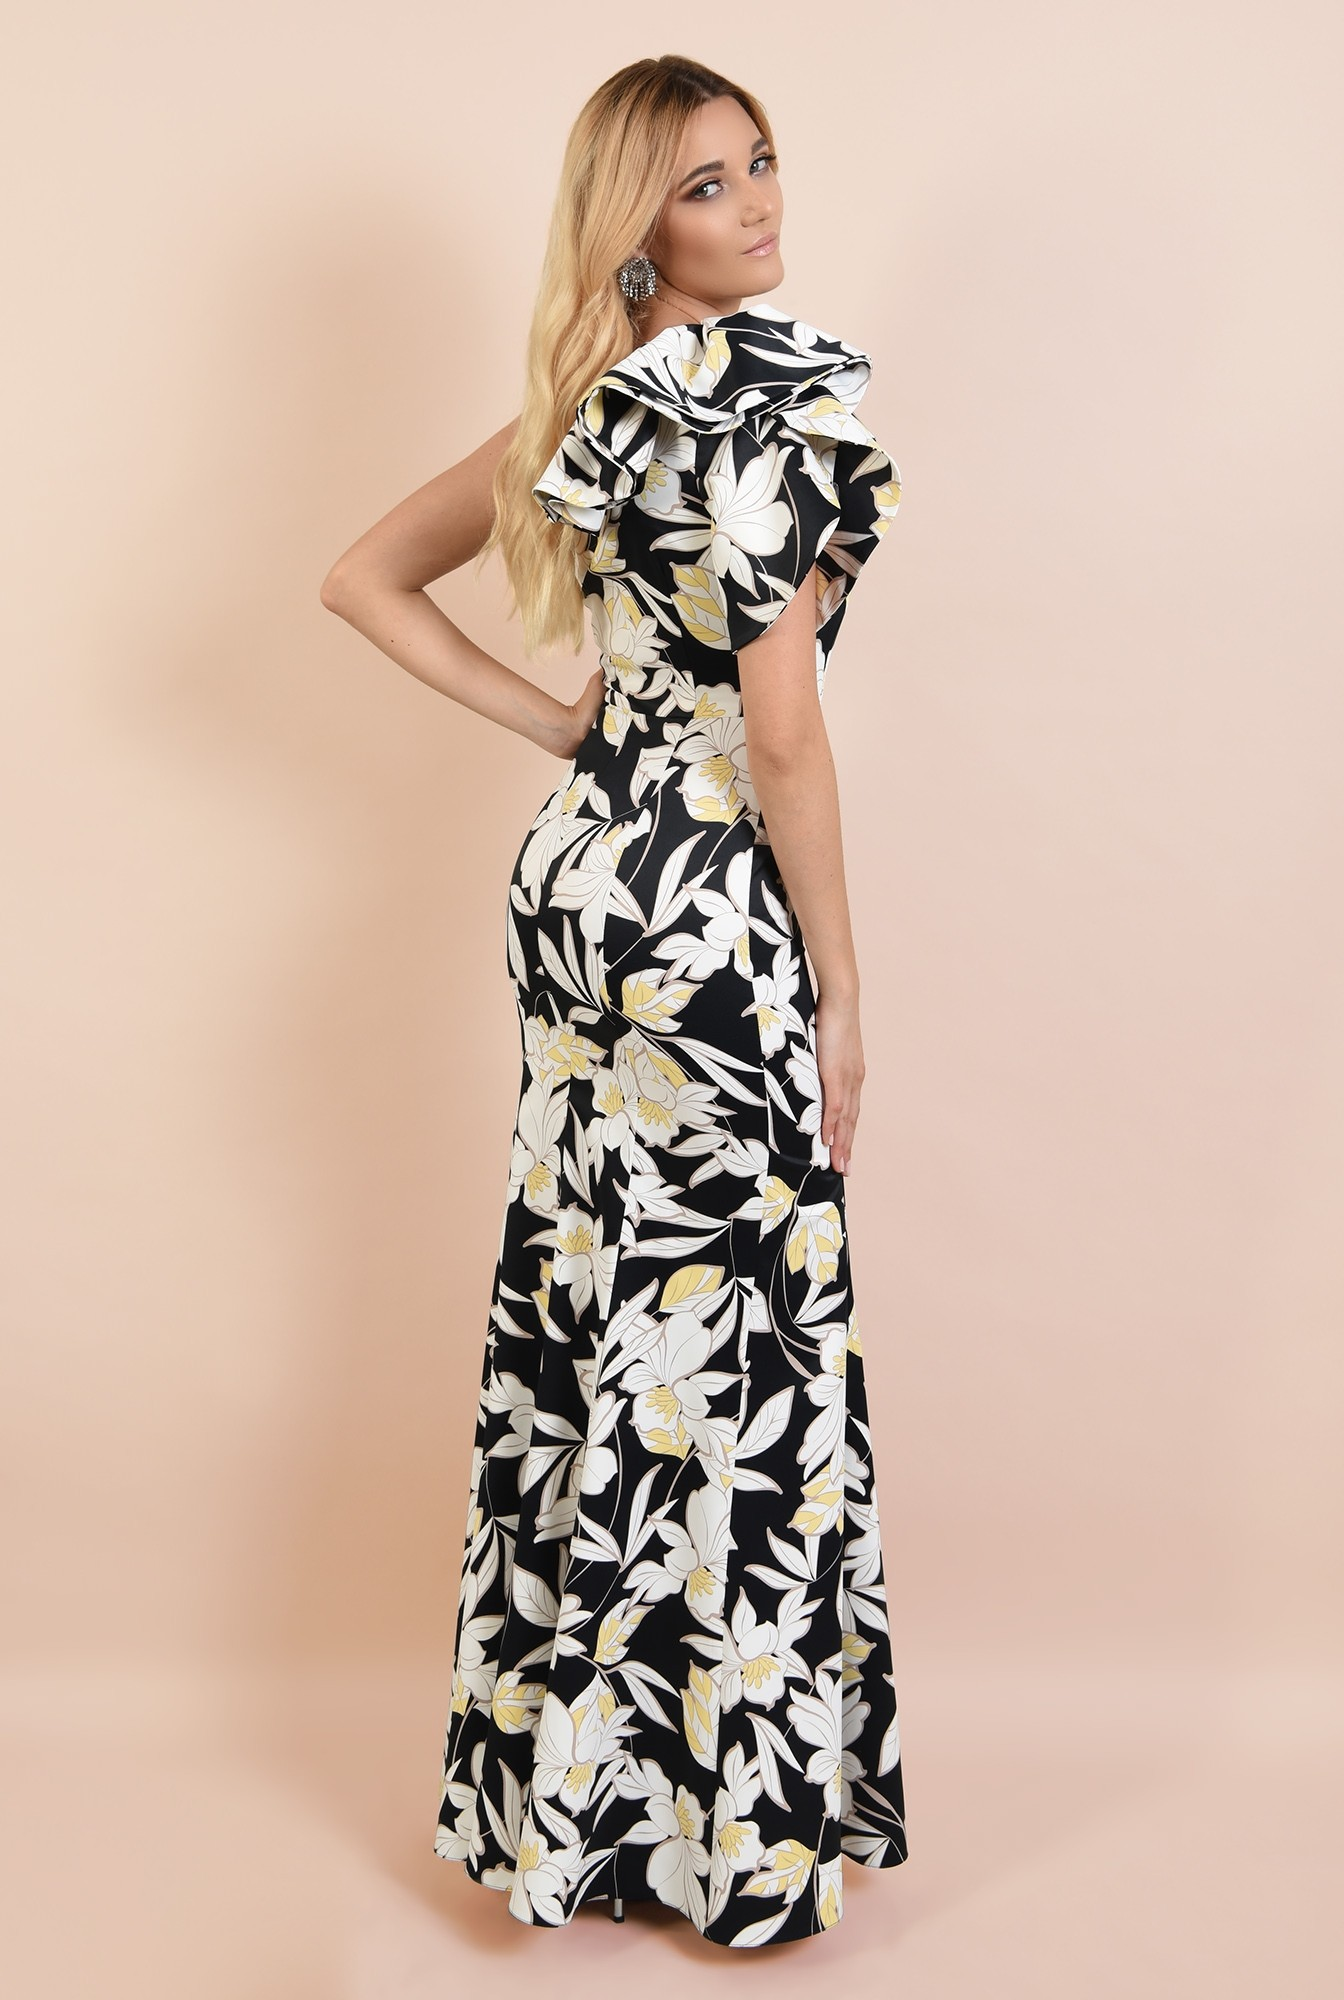 1 - rochie lunga, de seara, cu flori, umar dezgolit, decolteu asimetric